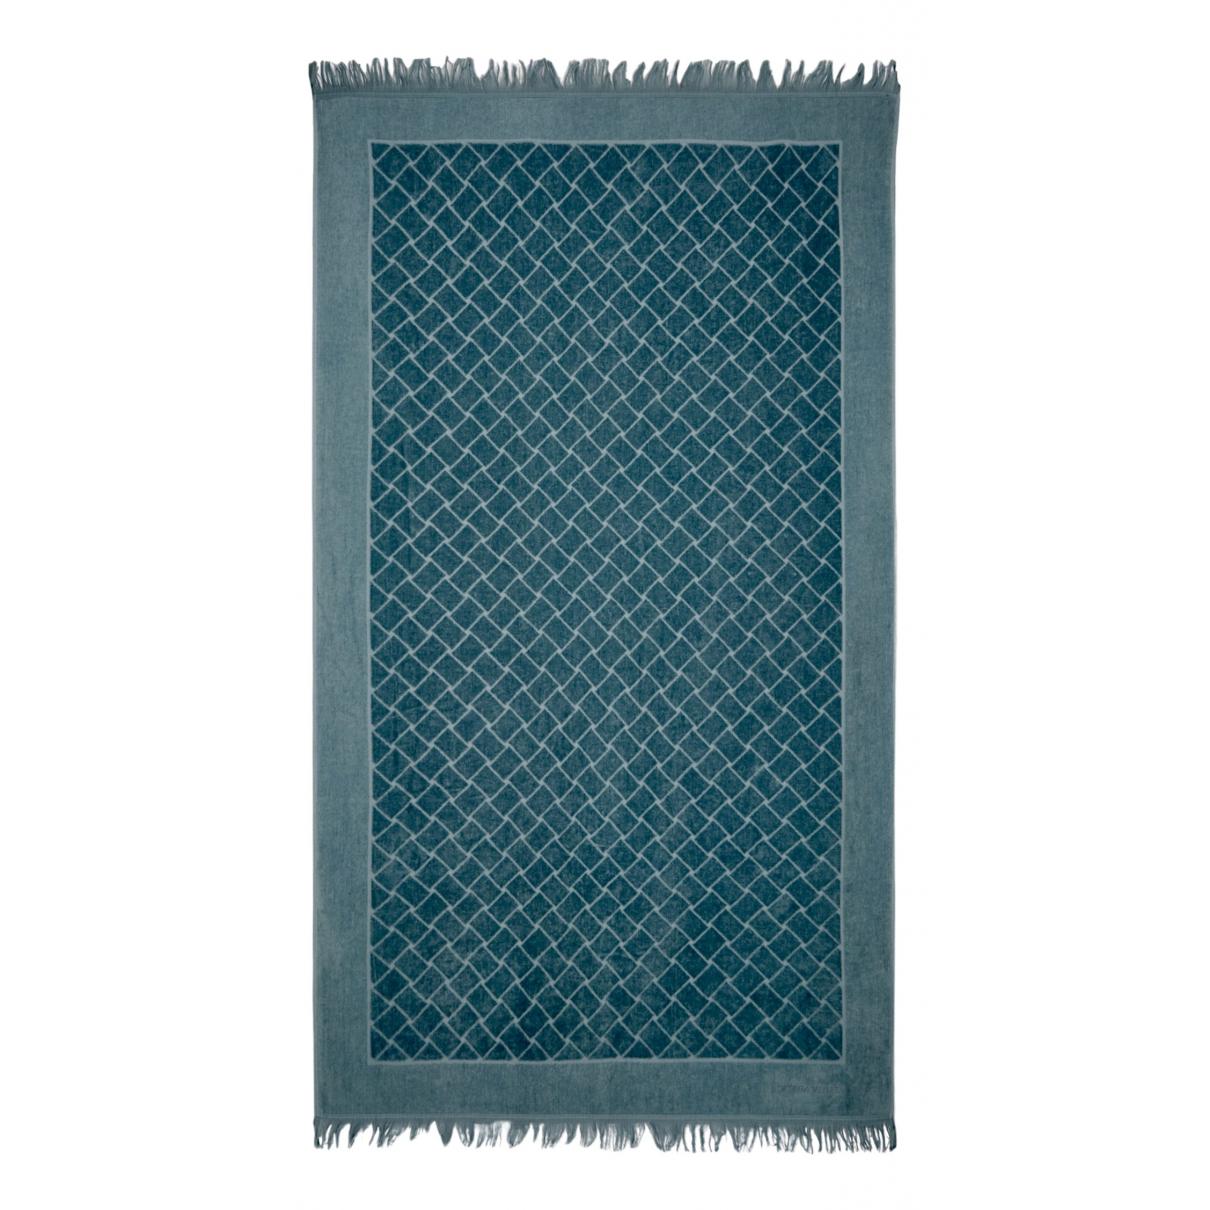 Bottega Veneta - Linge de maison   pour lifestyle en coton - bleu